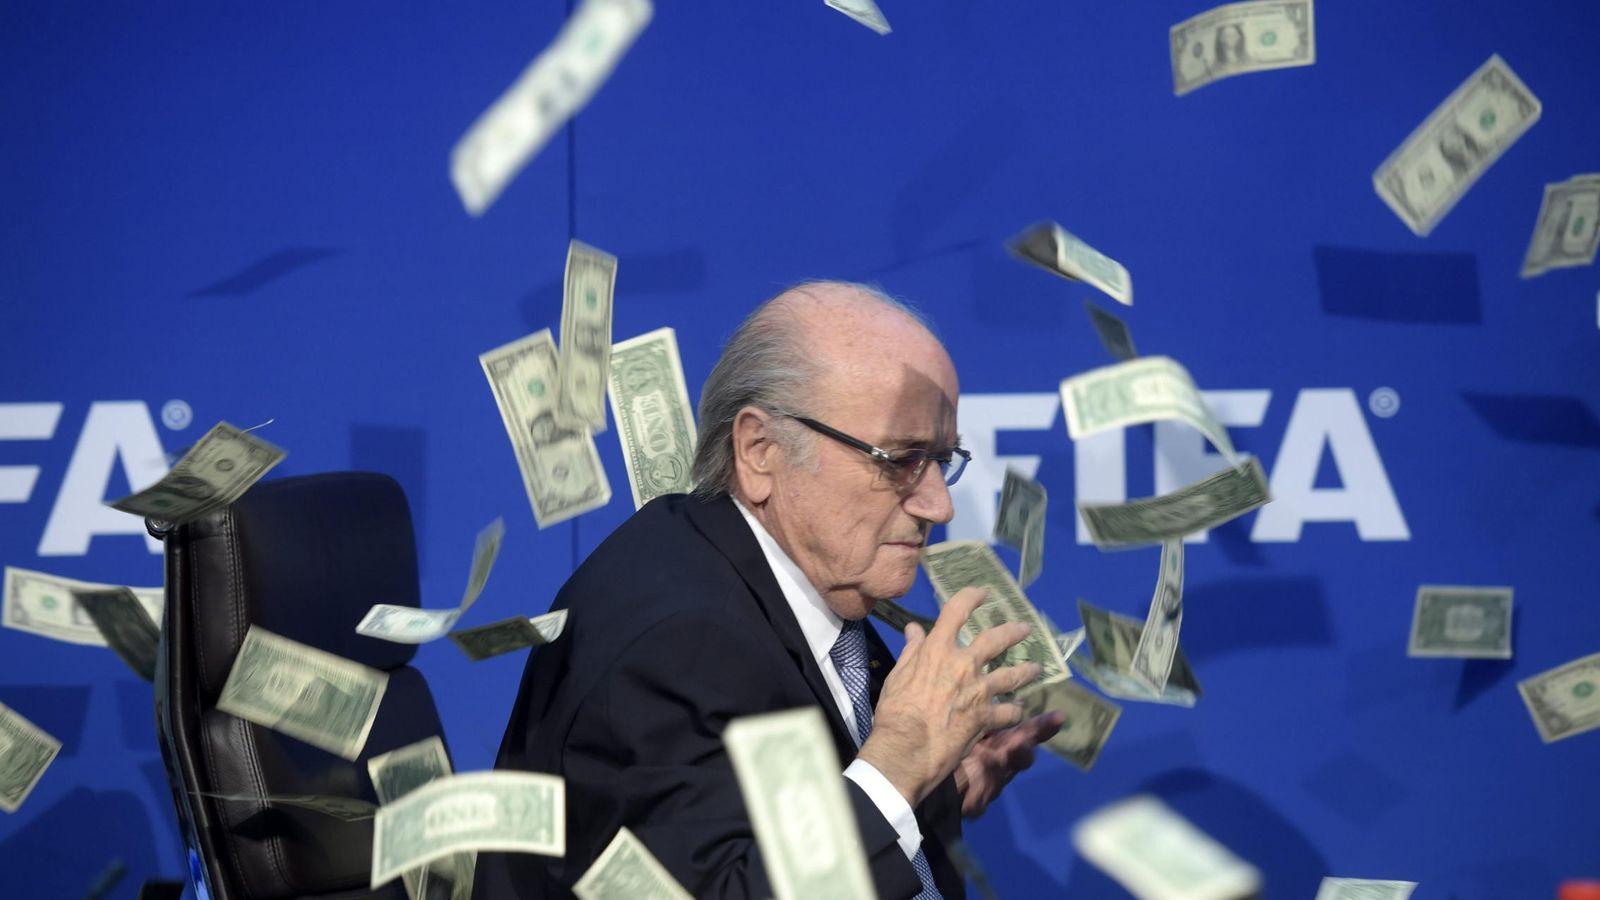 Foto: Blatter, en el momento en que le lanzaron los billetes (Efe)